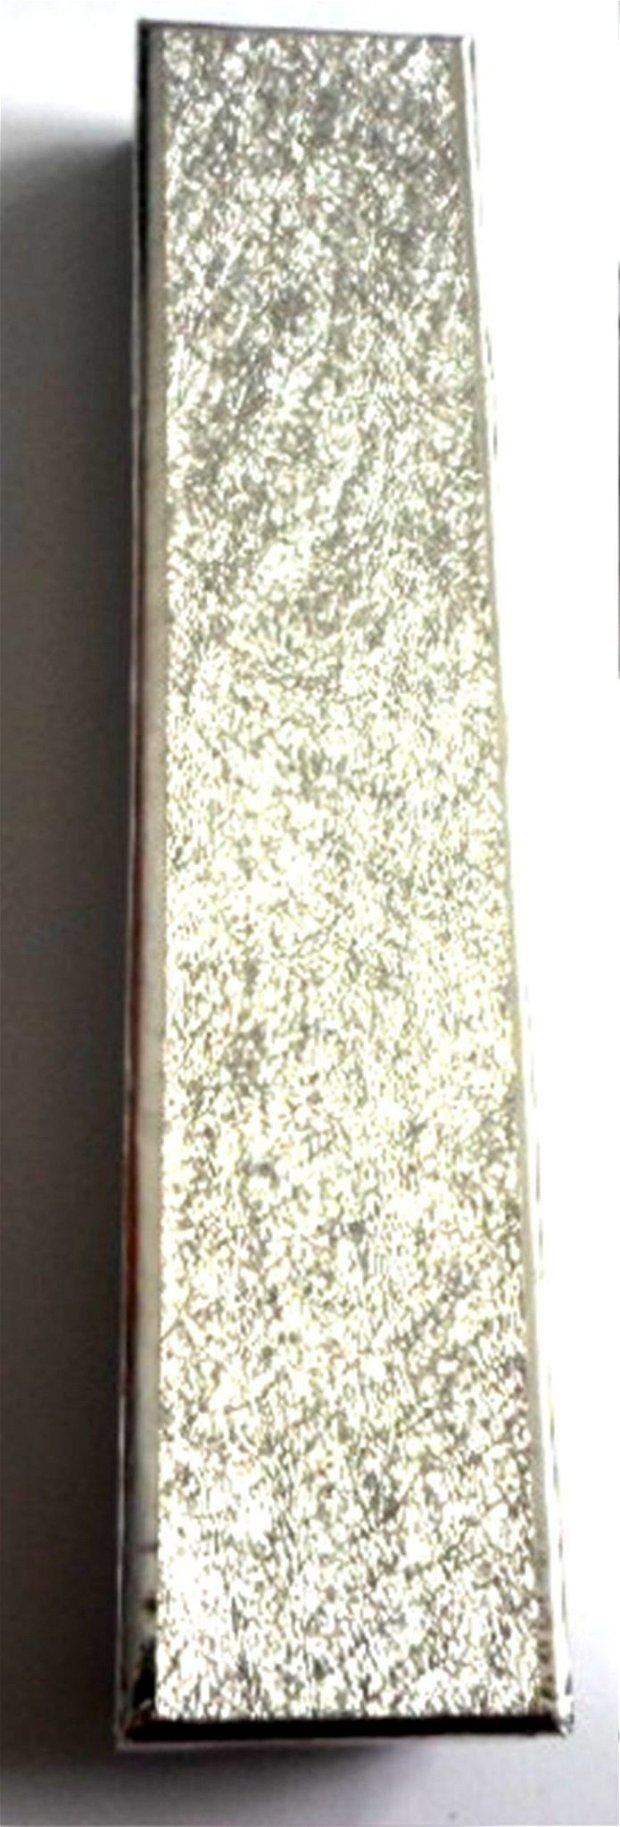 Cutie bijuterii cadou pentru colier/bratara argintie